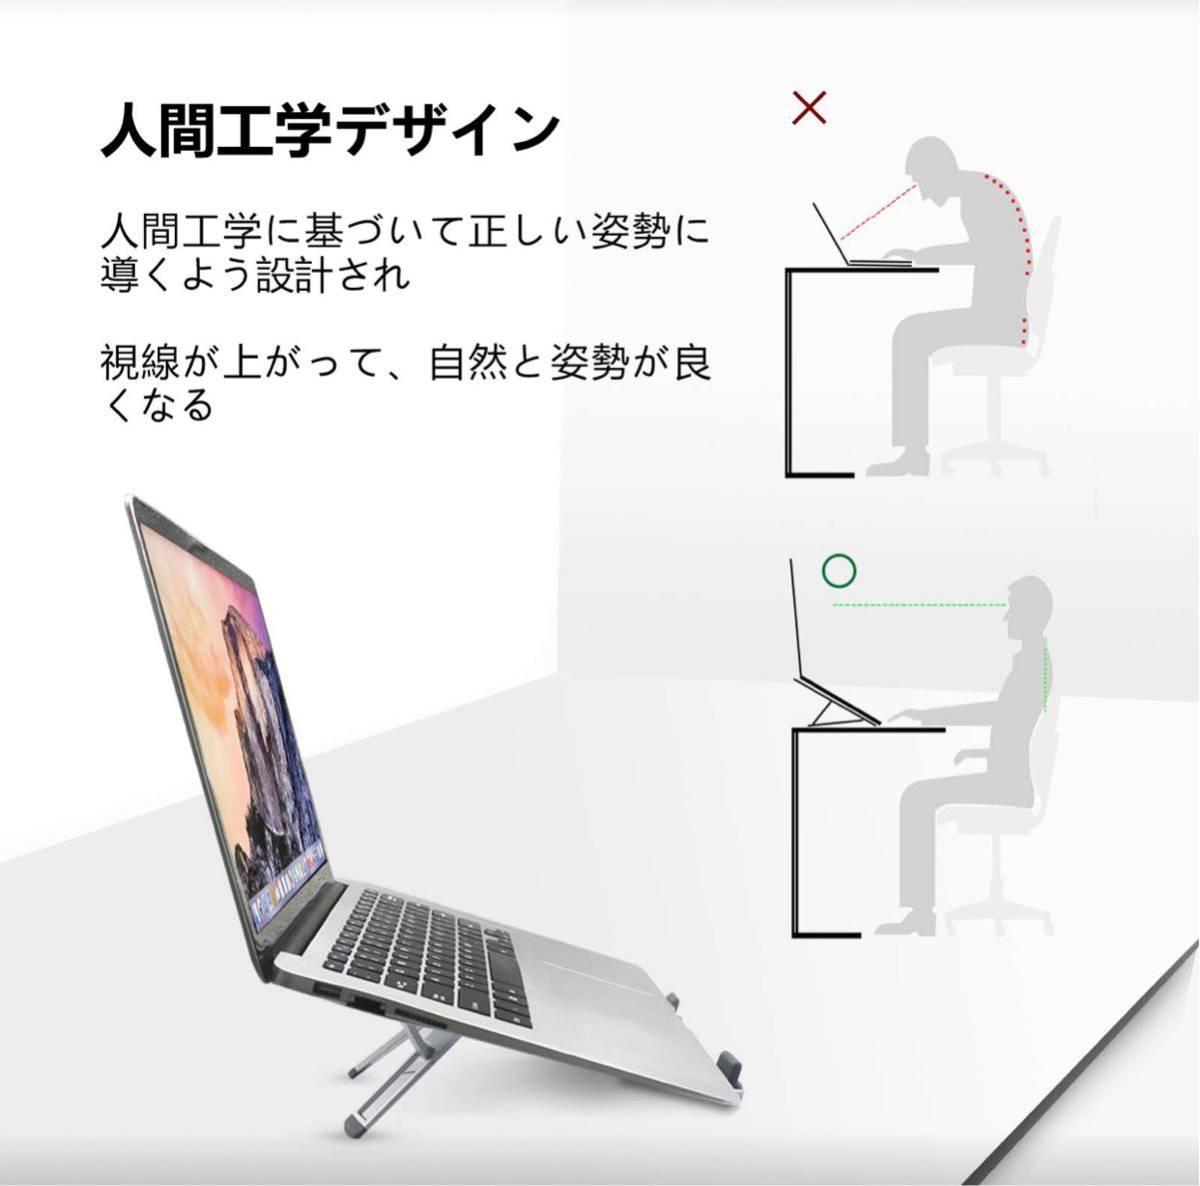 ノートパソコン スタンド PCスタンド折りたたみ式